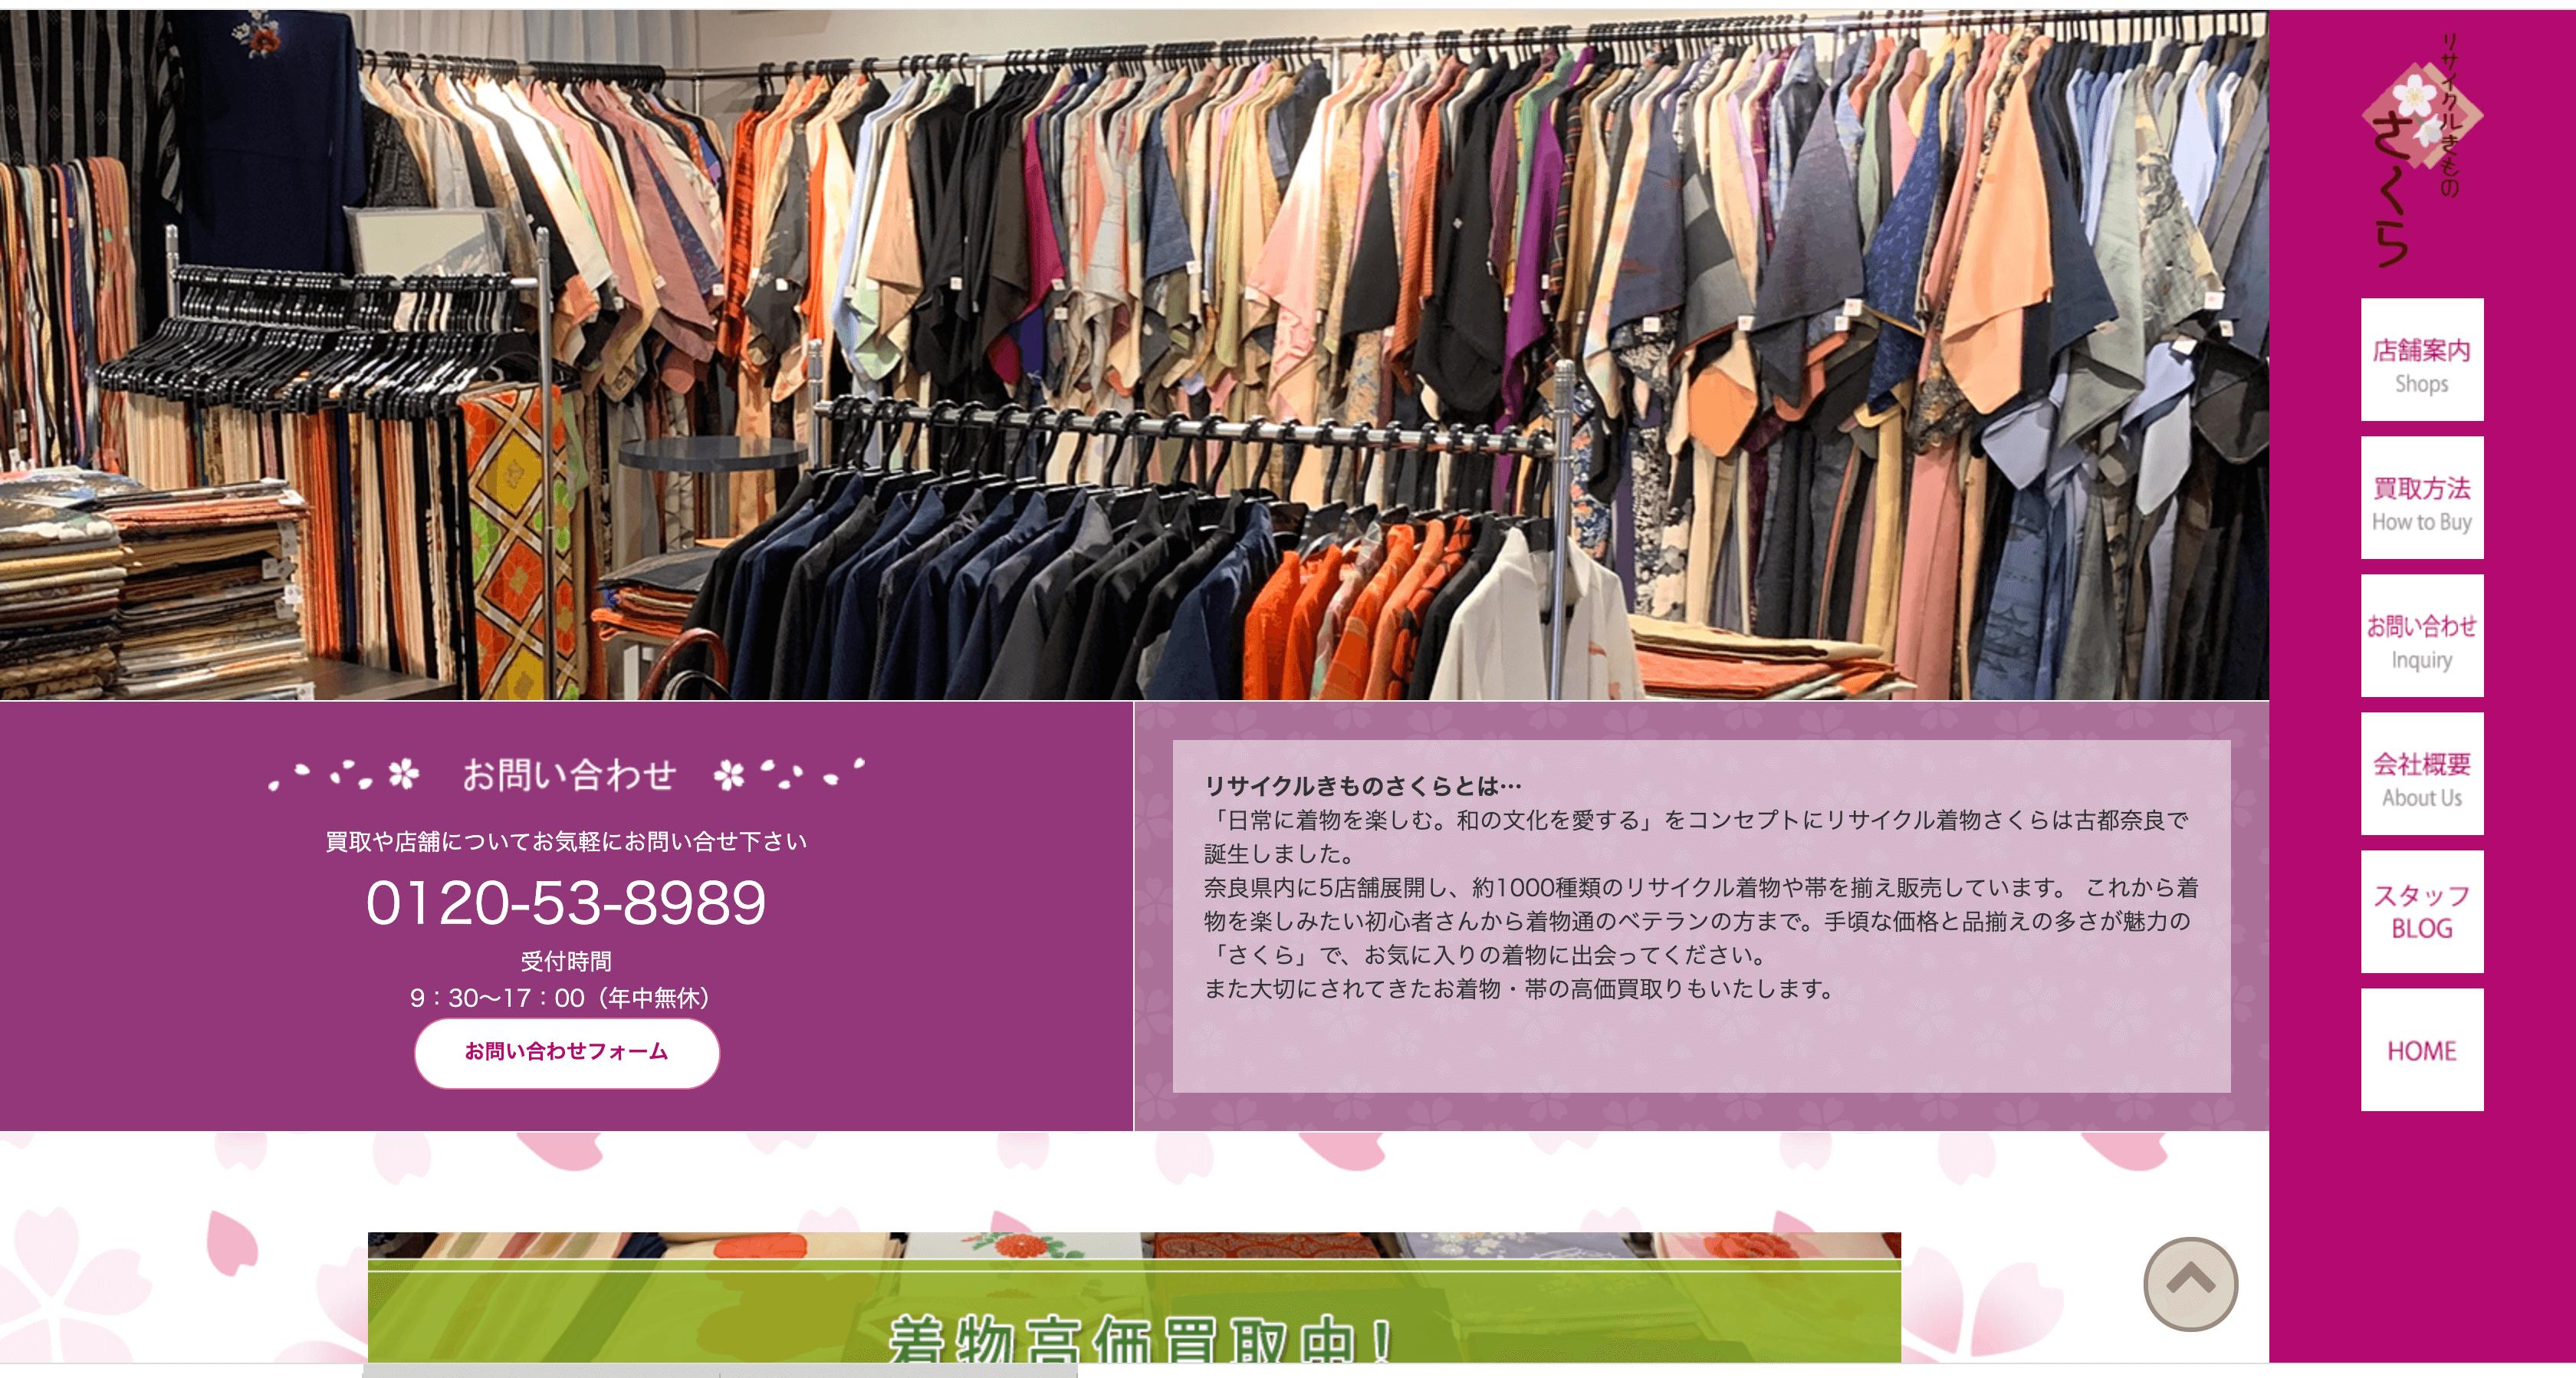 リサイクルきものさくらの着物買取を徹底調査!口コミ・評判・サービス内容まとめ